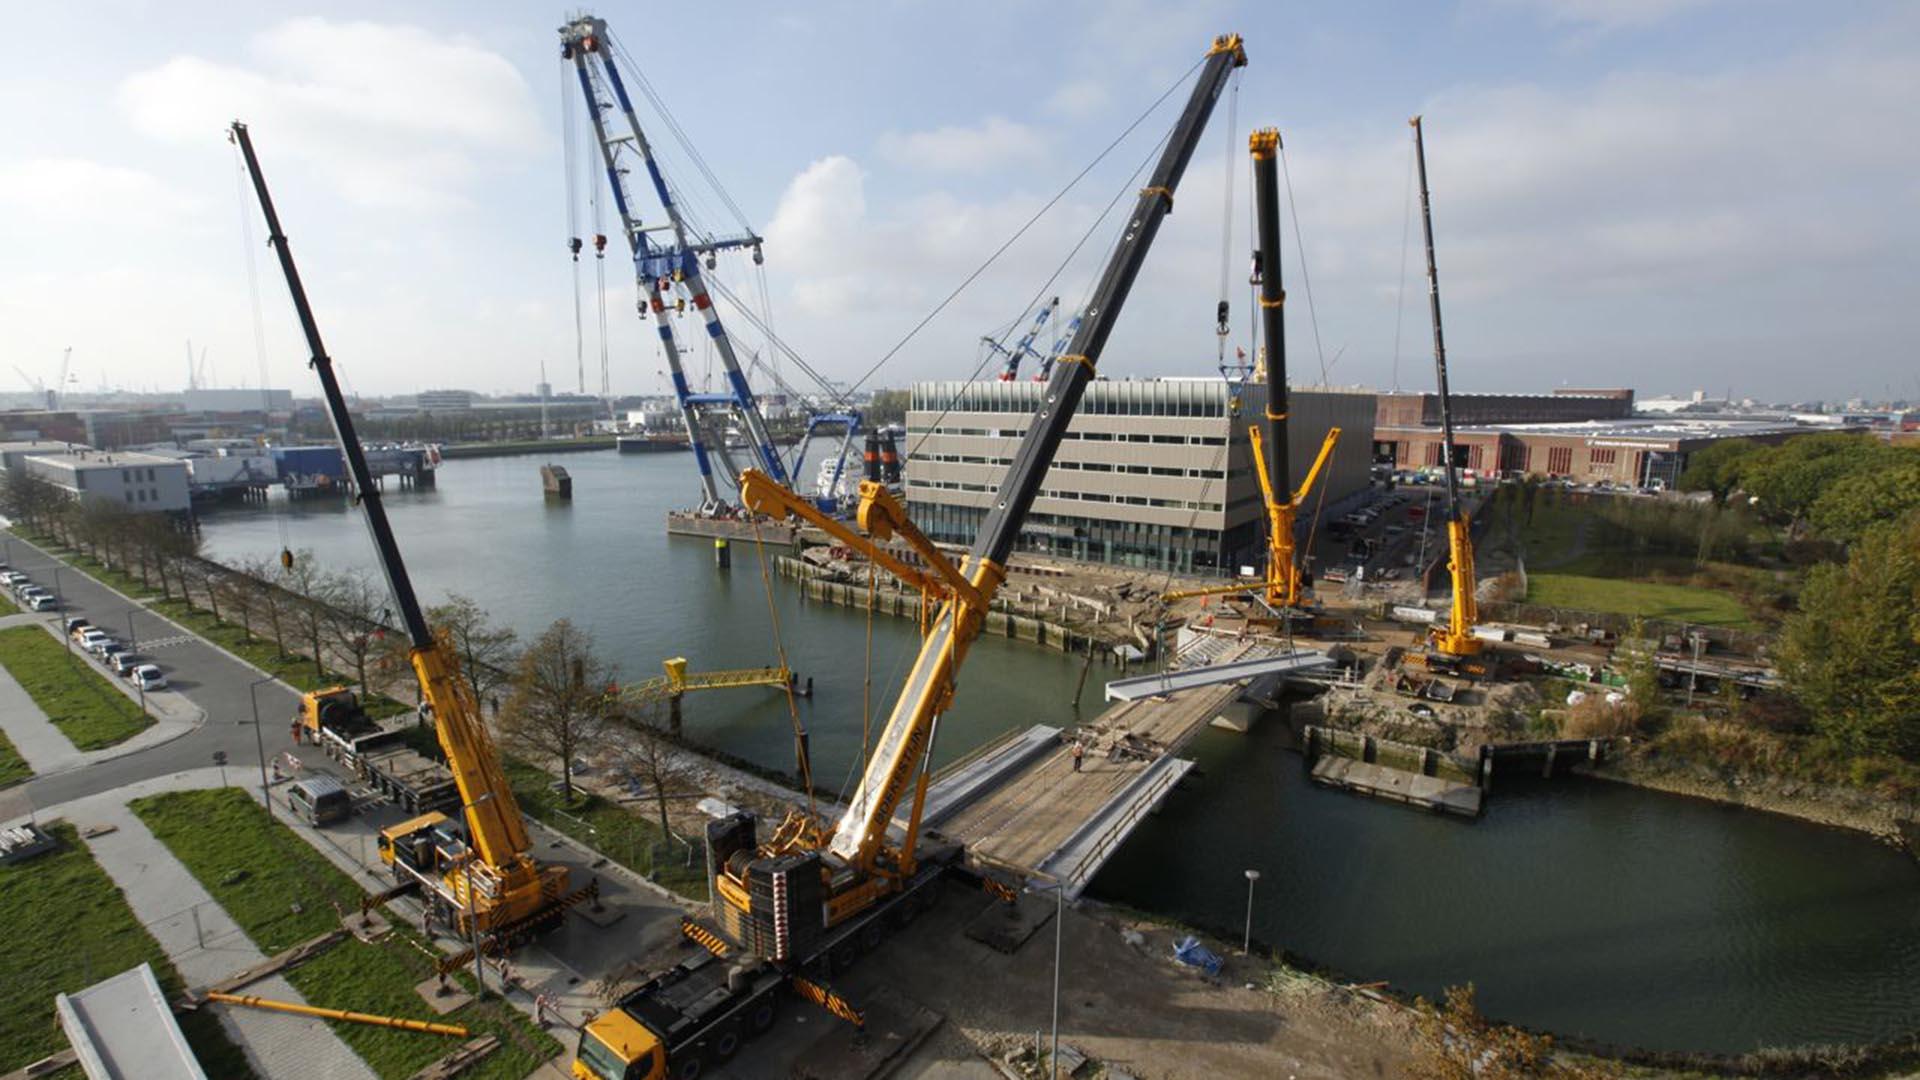 inhijsen voetpad dekdelen, brugontwerp, brug in aanbouw in Heysehaven Rotterdam